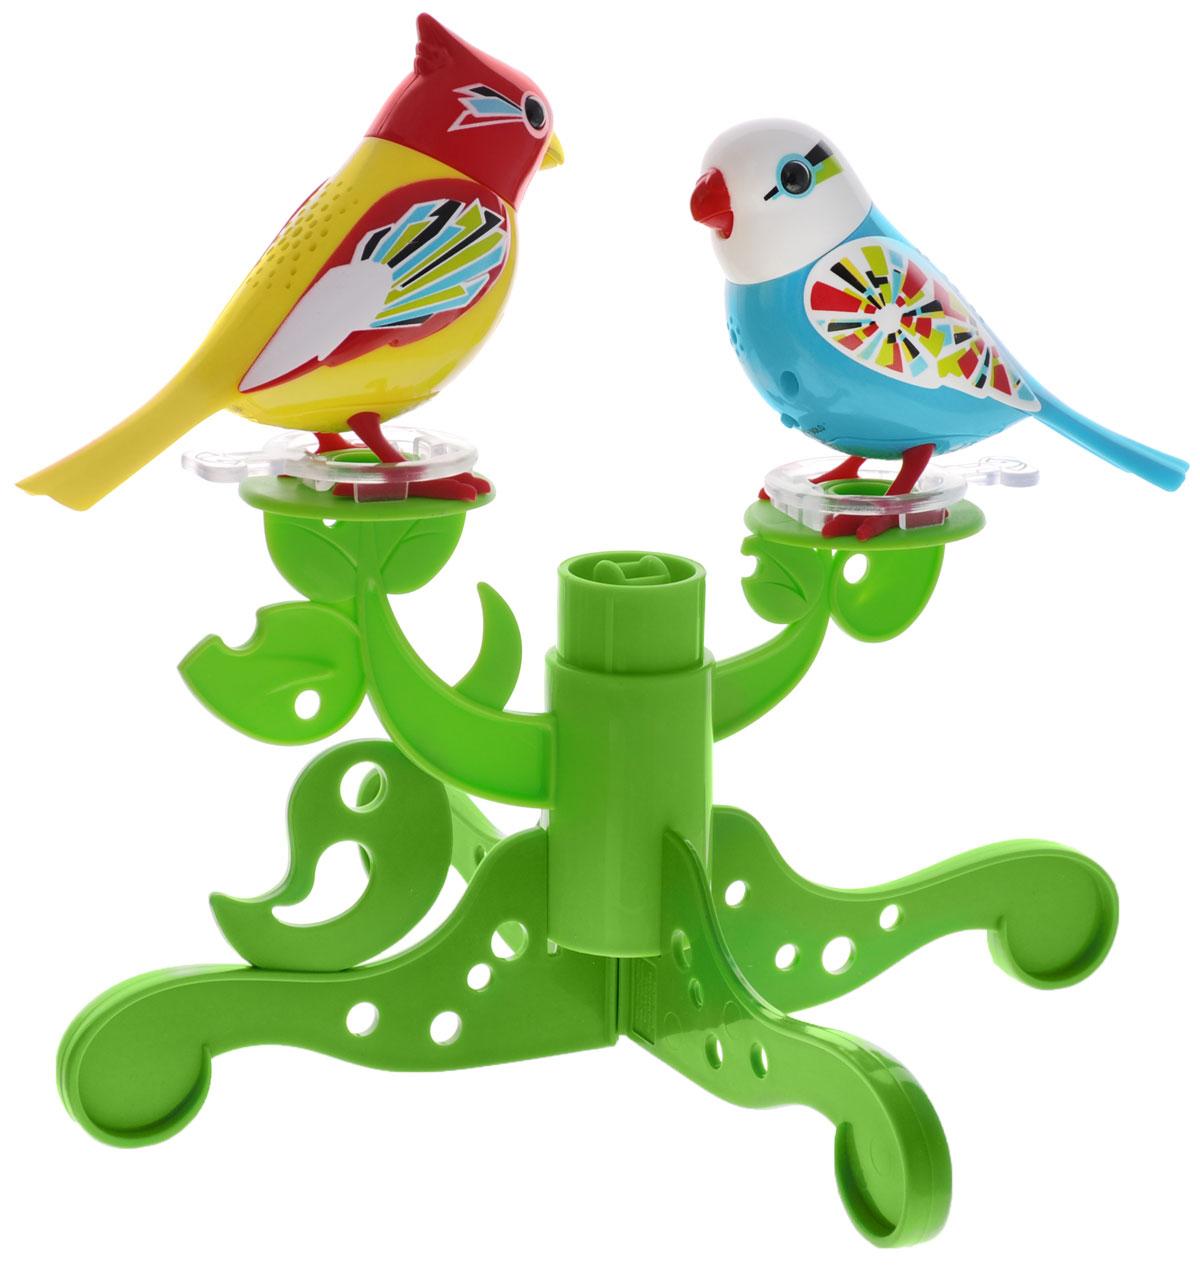 DigiBirds Интерактивный игровой набор Птички на дереве - Интерактивные игрушки